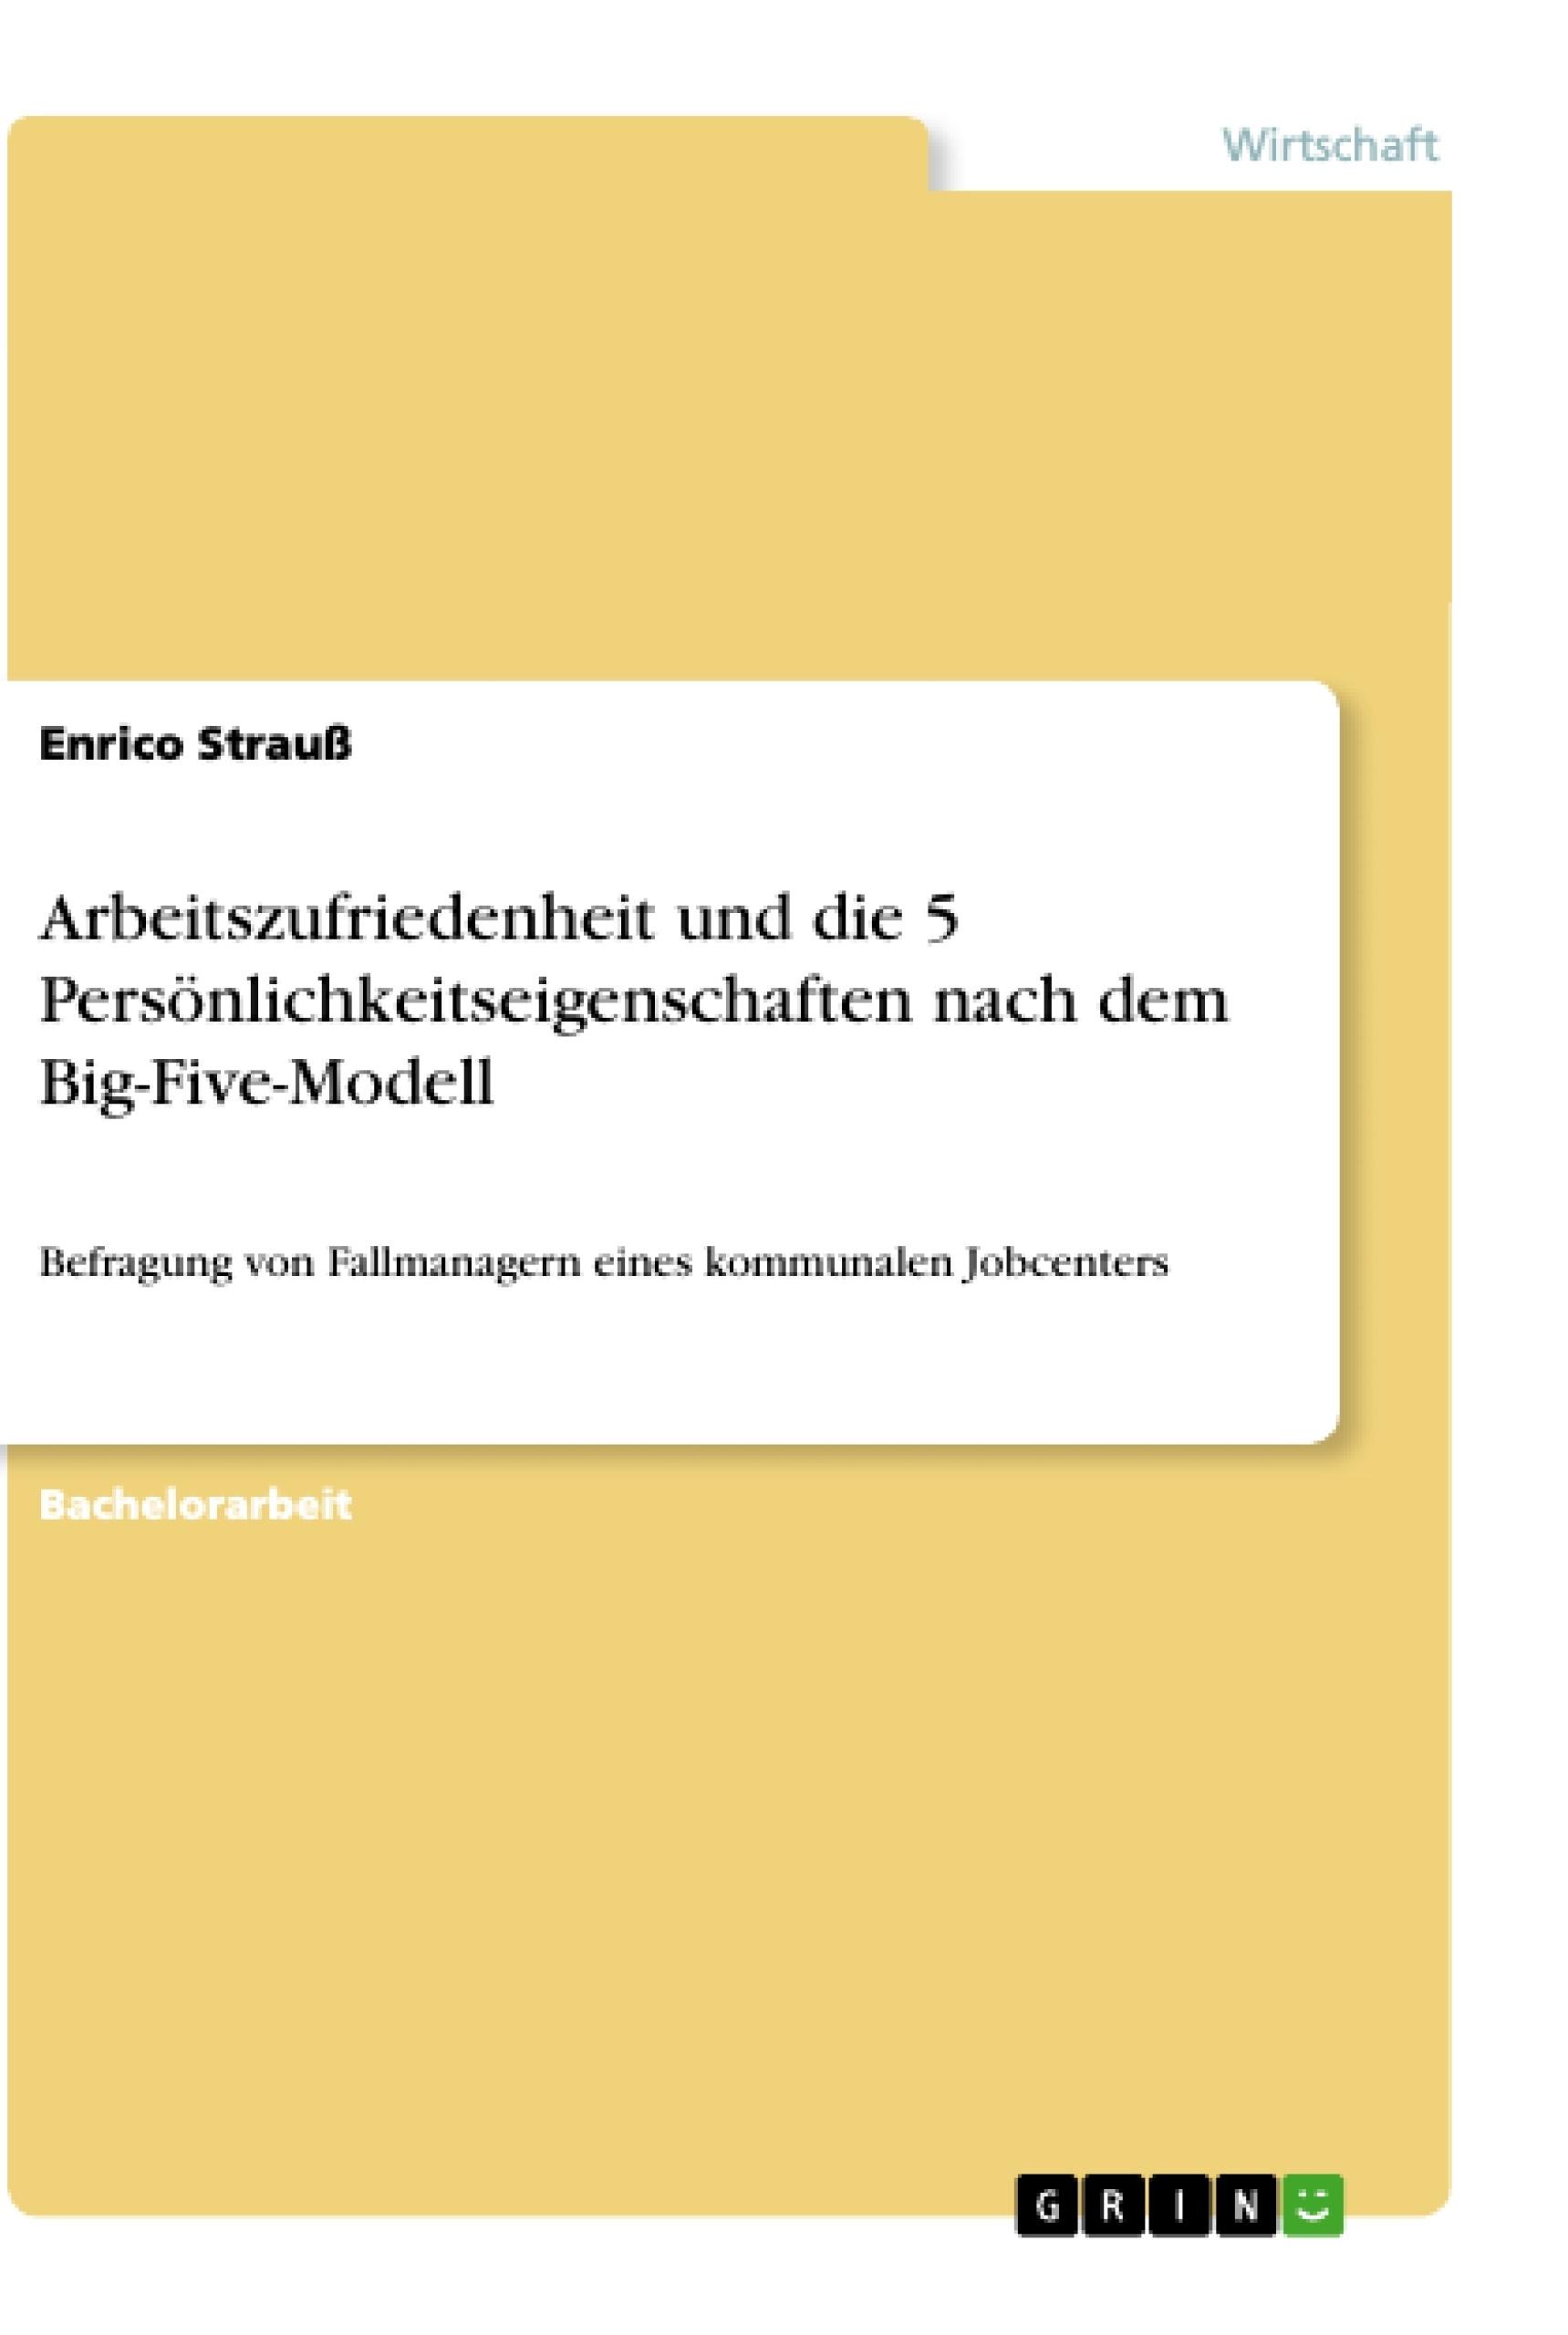 Titel: Arbeitszufriedenheit und die 5 Persönlichkeitseigenschaften nach dem Big-Five-Modell